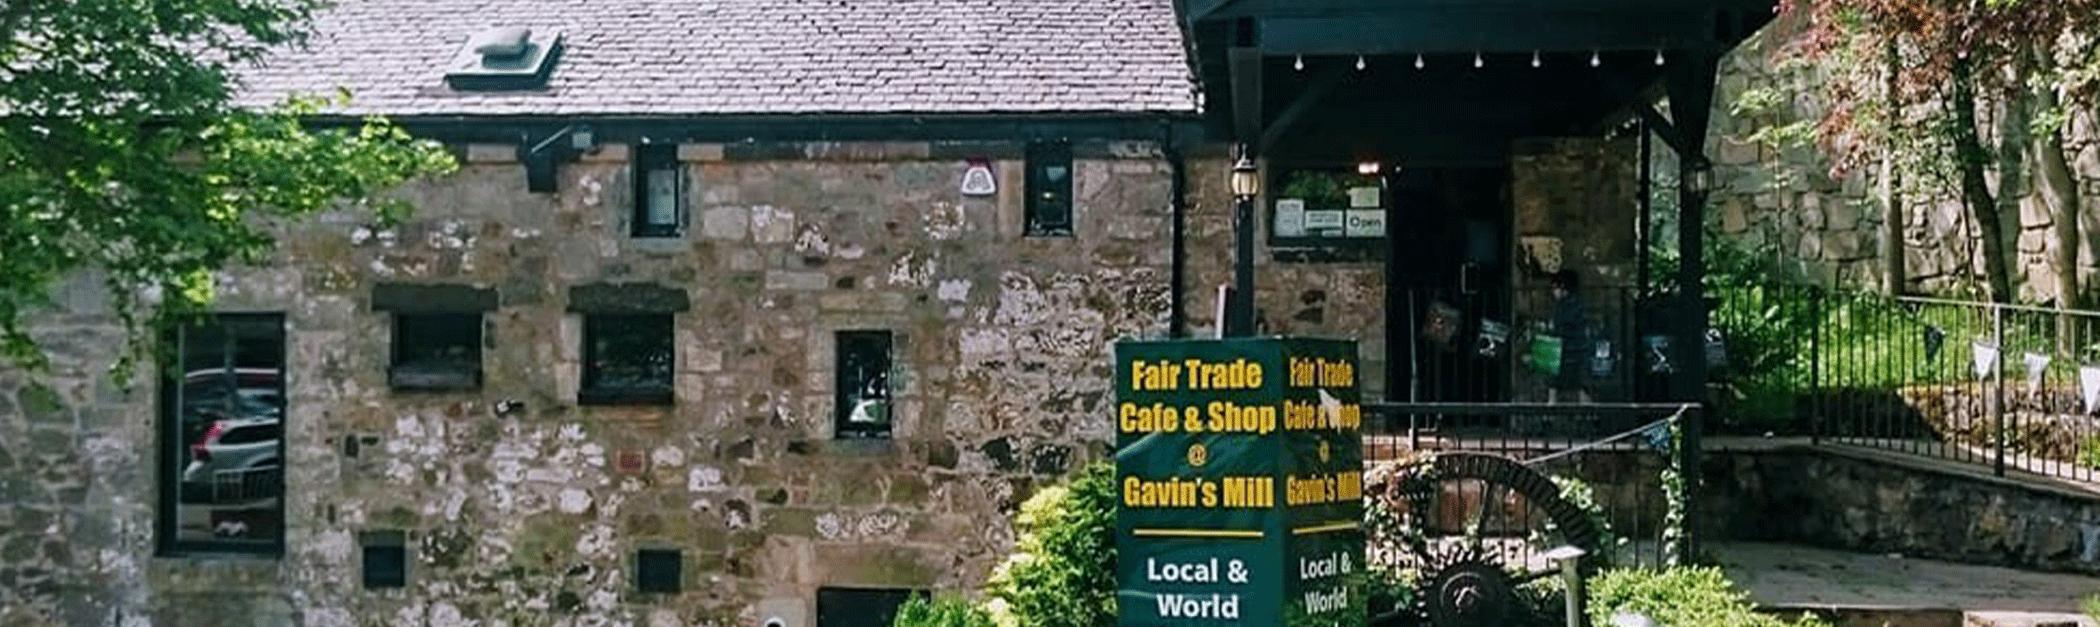 Gavin's Mill Milngavie